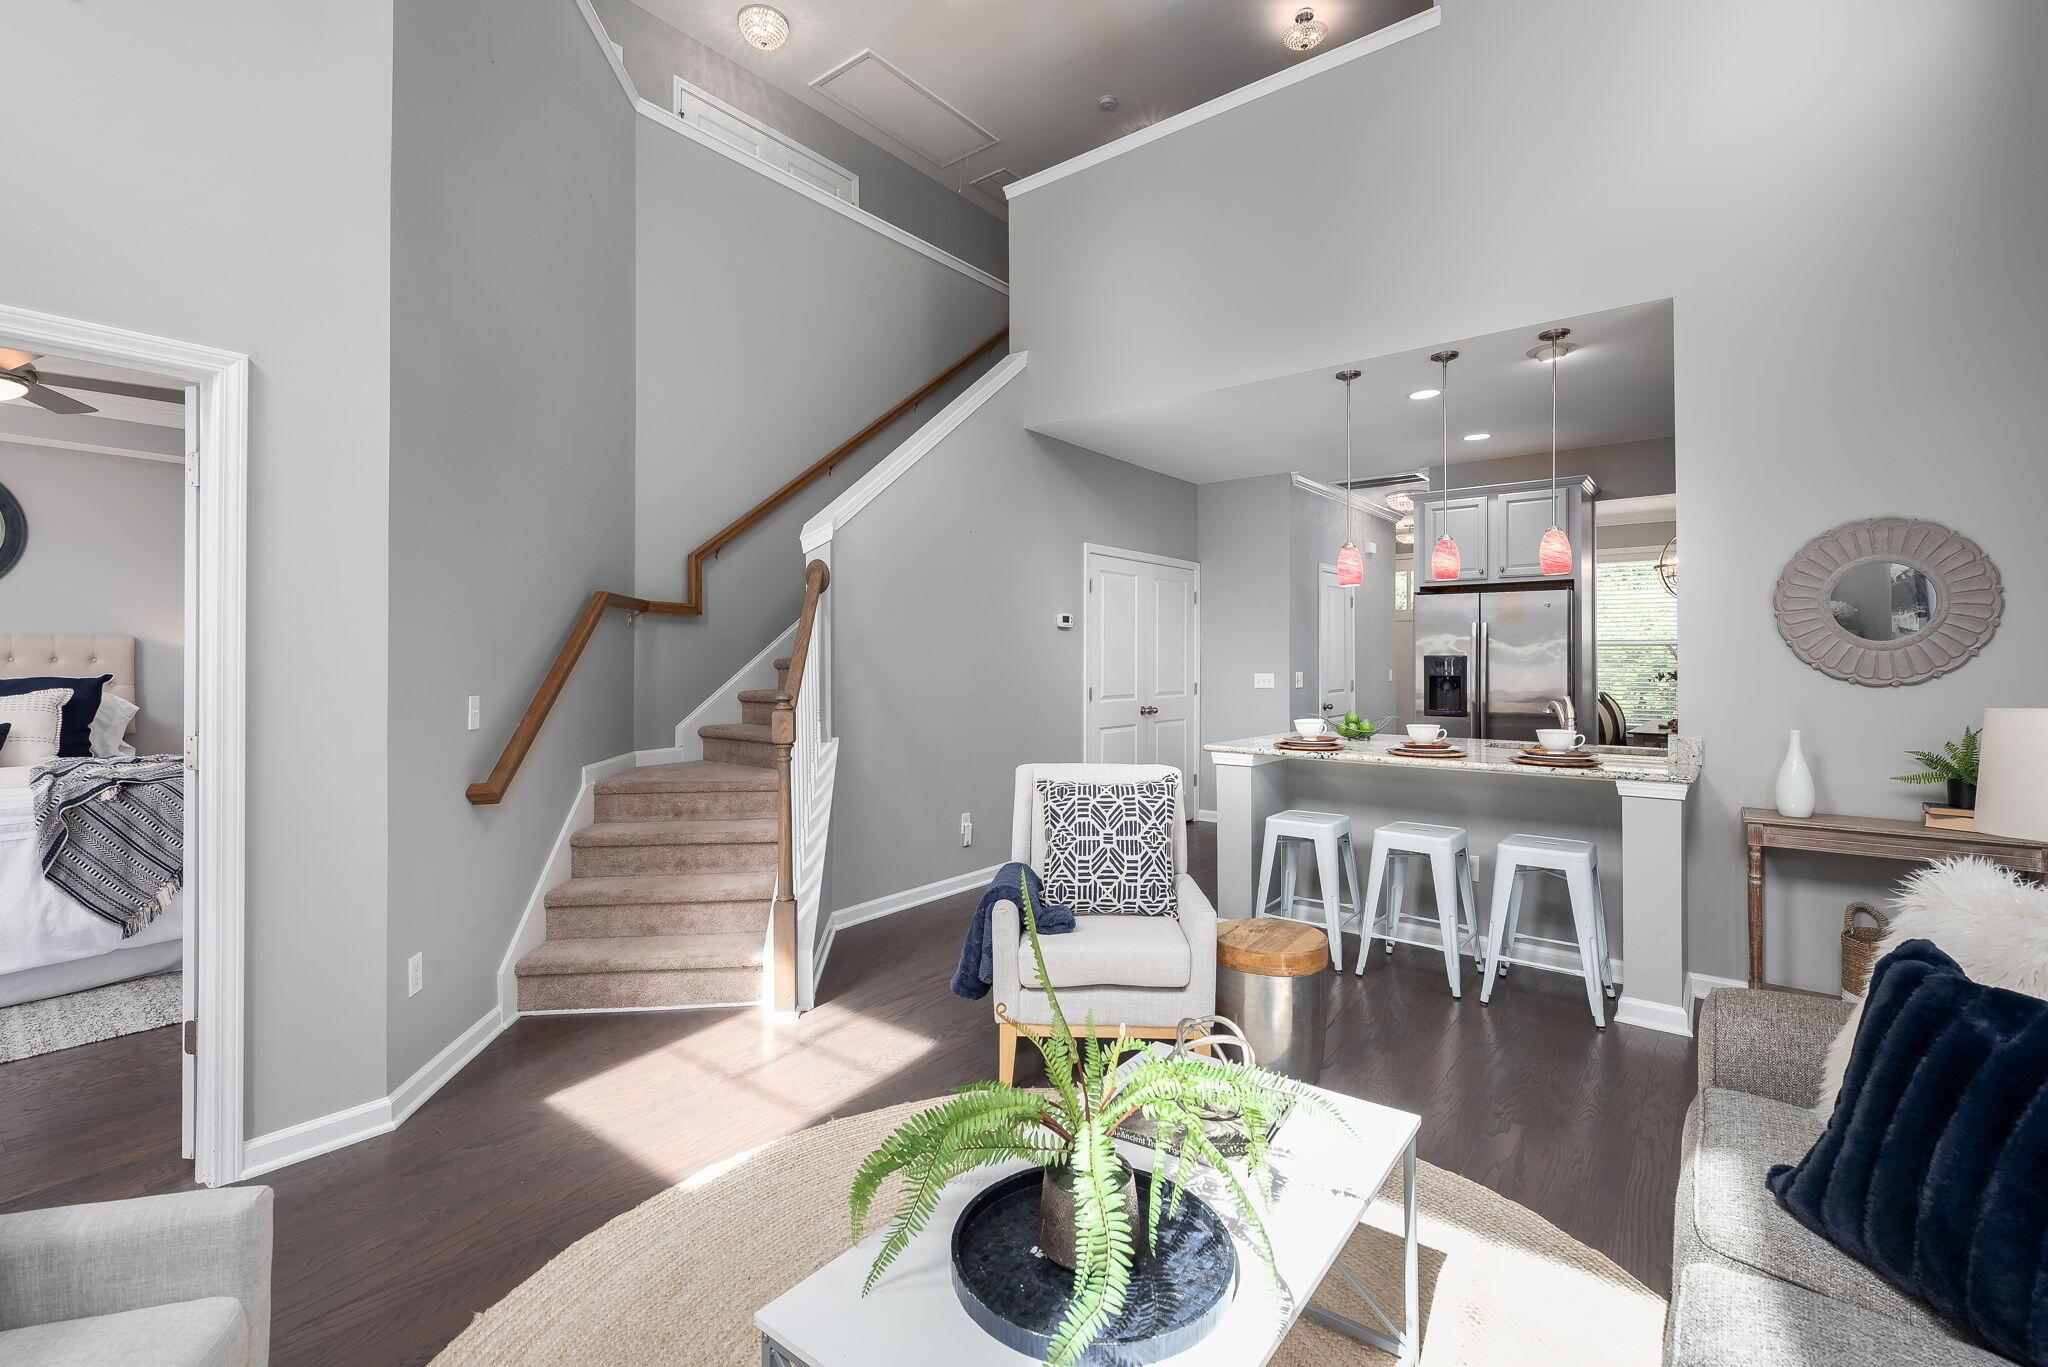 Park West Homes For Sale - 1656 Bridwell Lane, Mount Pleasant, SC - 21